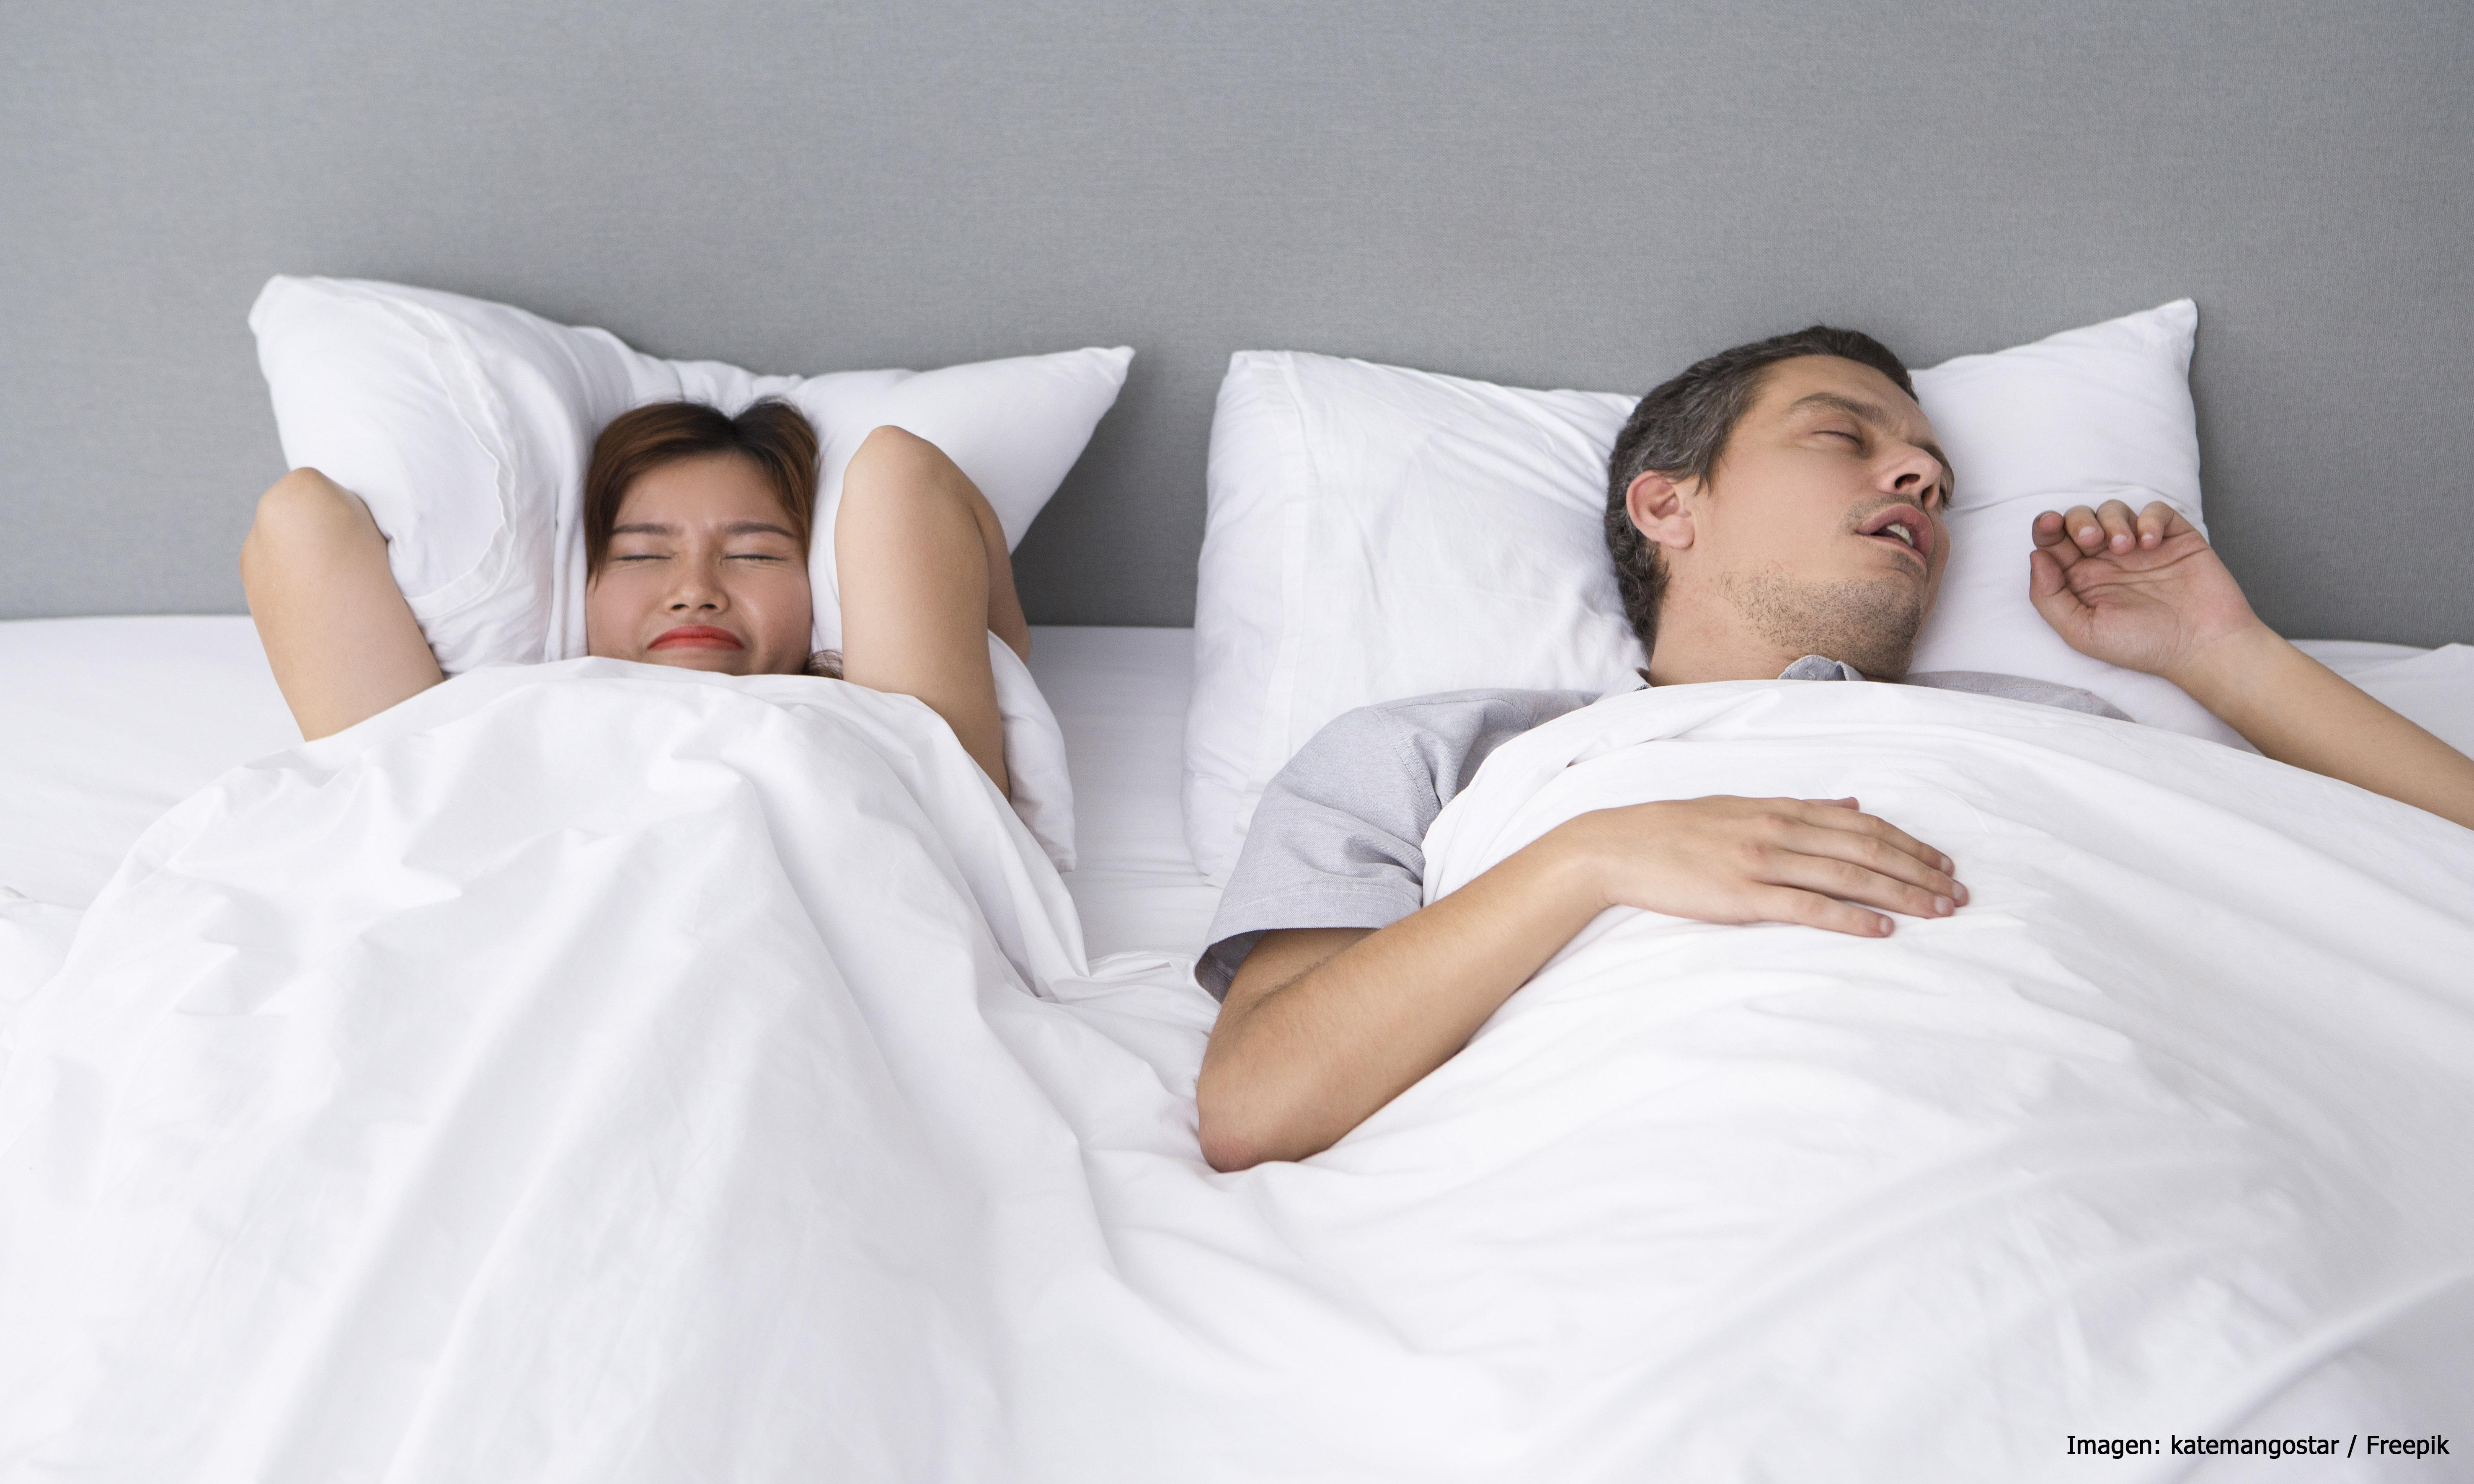 ¿Sufres apneas del sueño? El Entrenamiento muscular inspiratorio puede ayudarte